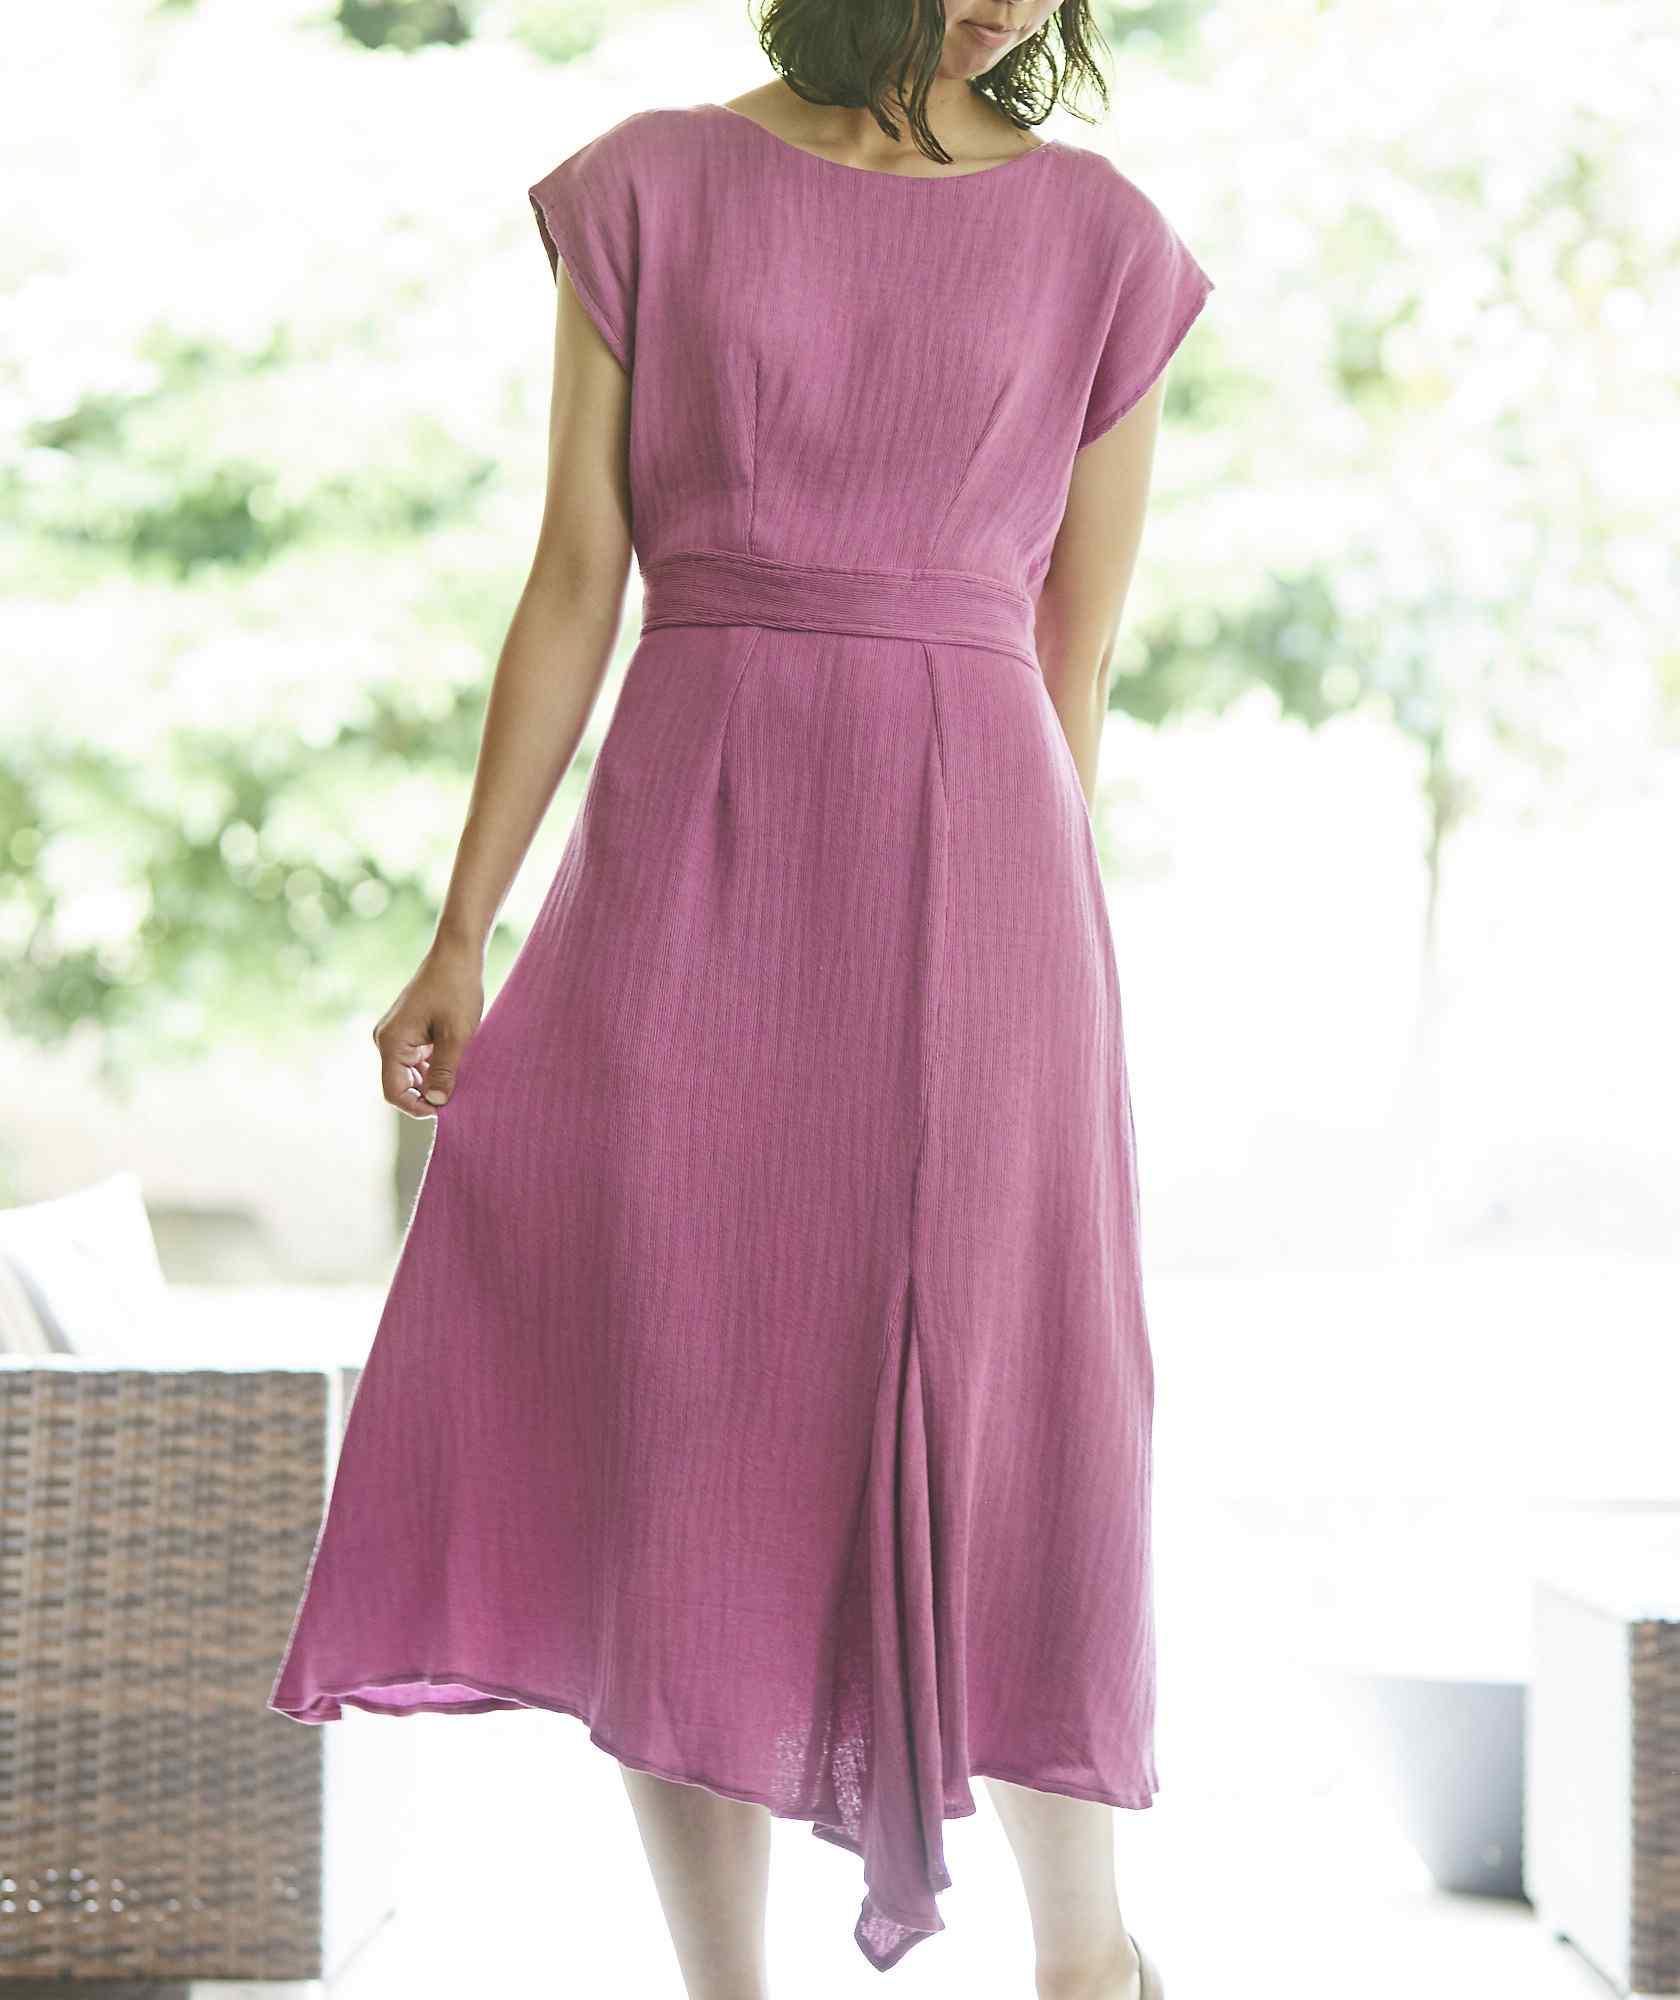 ショートスリーブアシンメトリーカラーミディアムドレス-ピンク-M